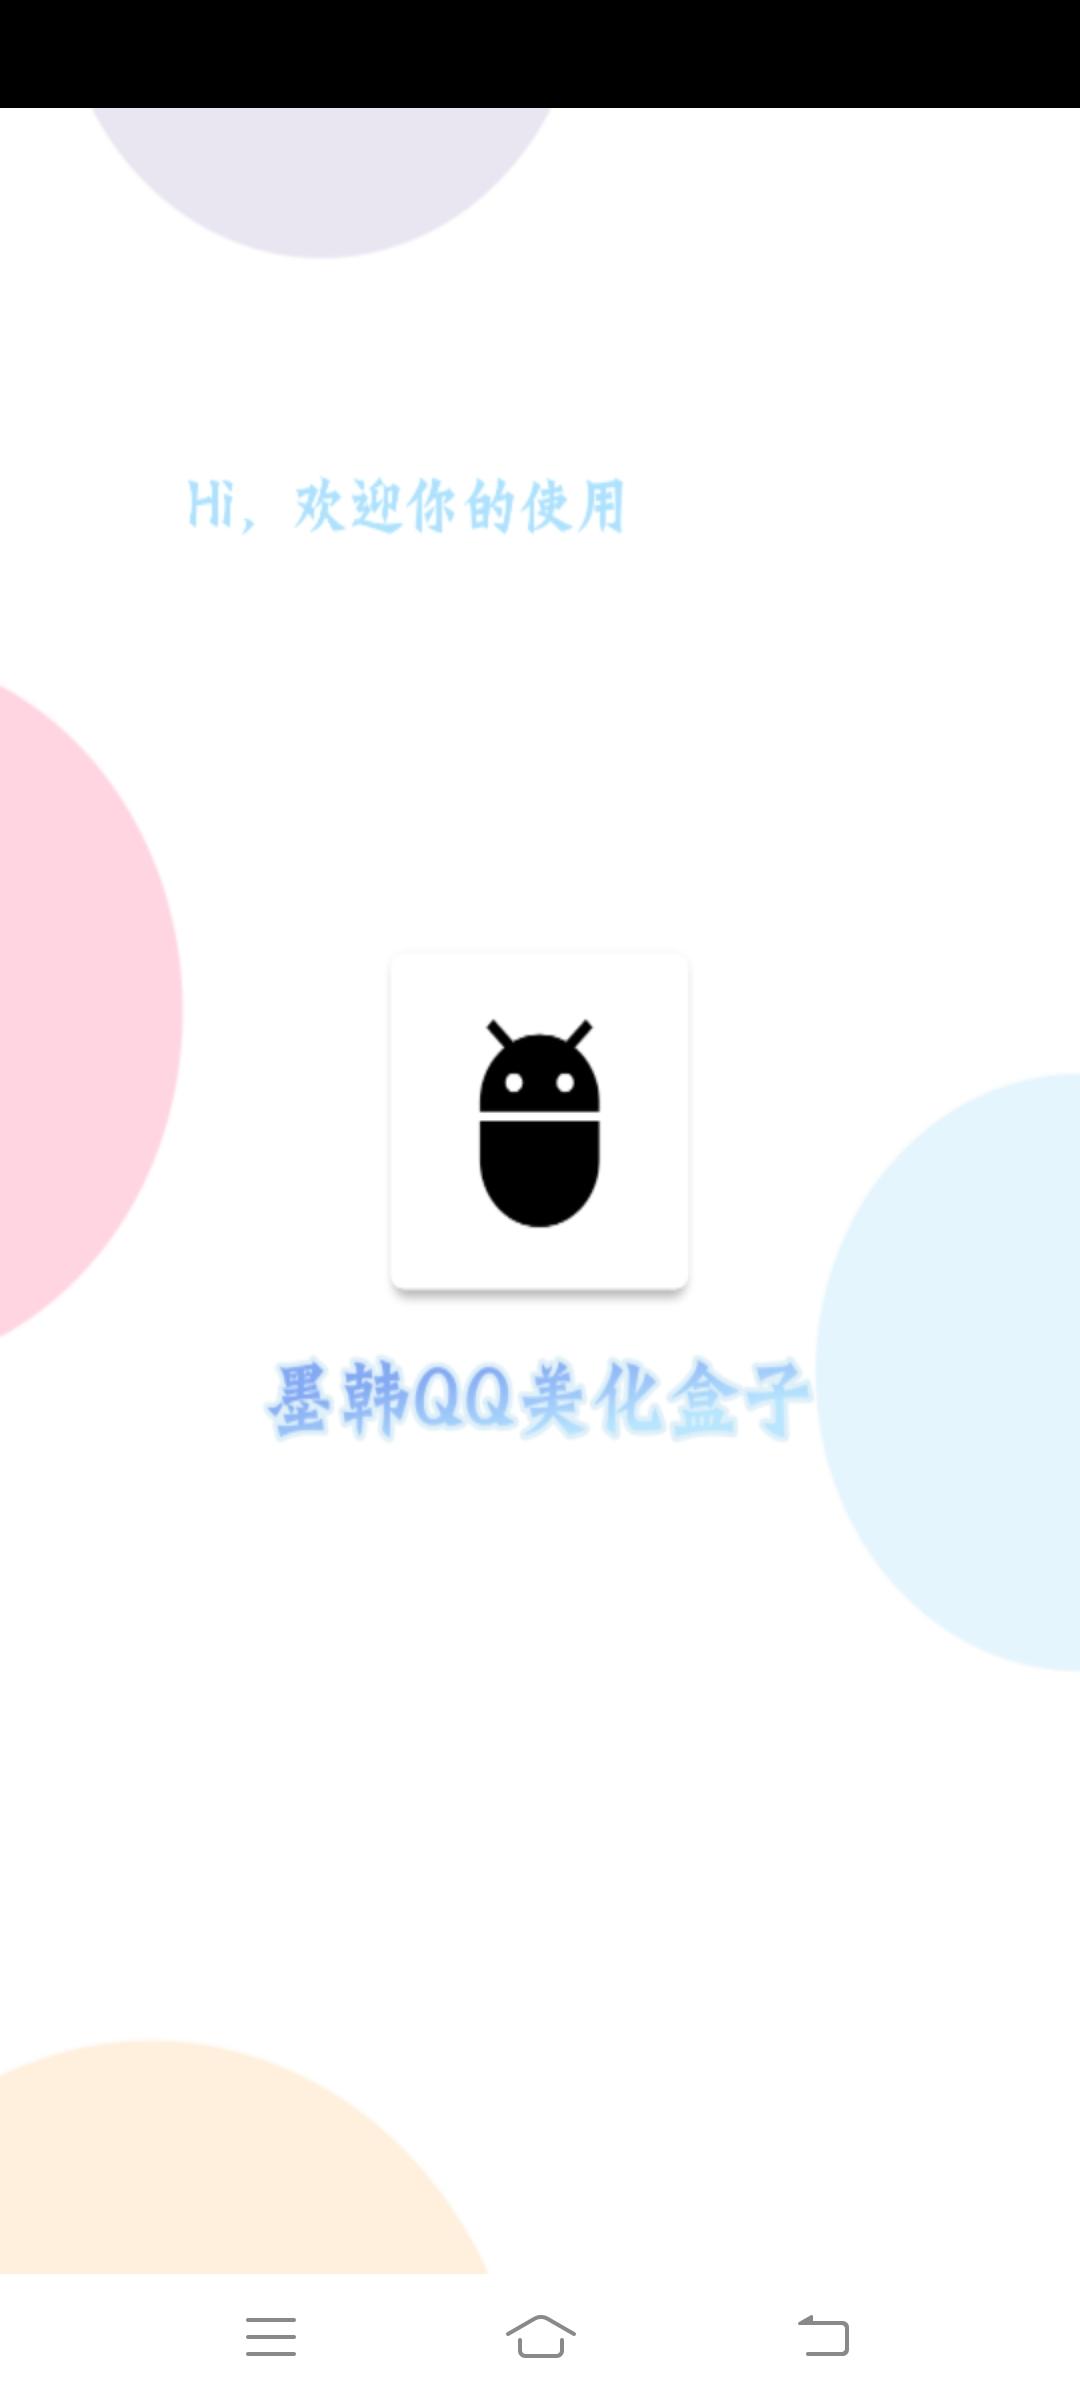 【原创分享】墨韩QQ美化盒子_1.0 只有教程 没有成品!